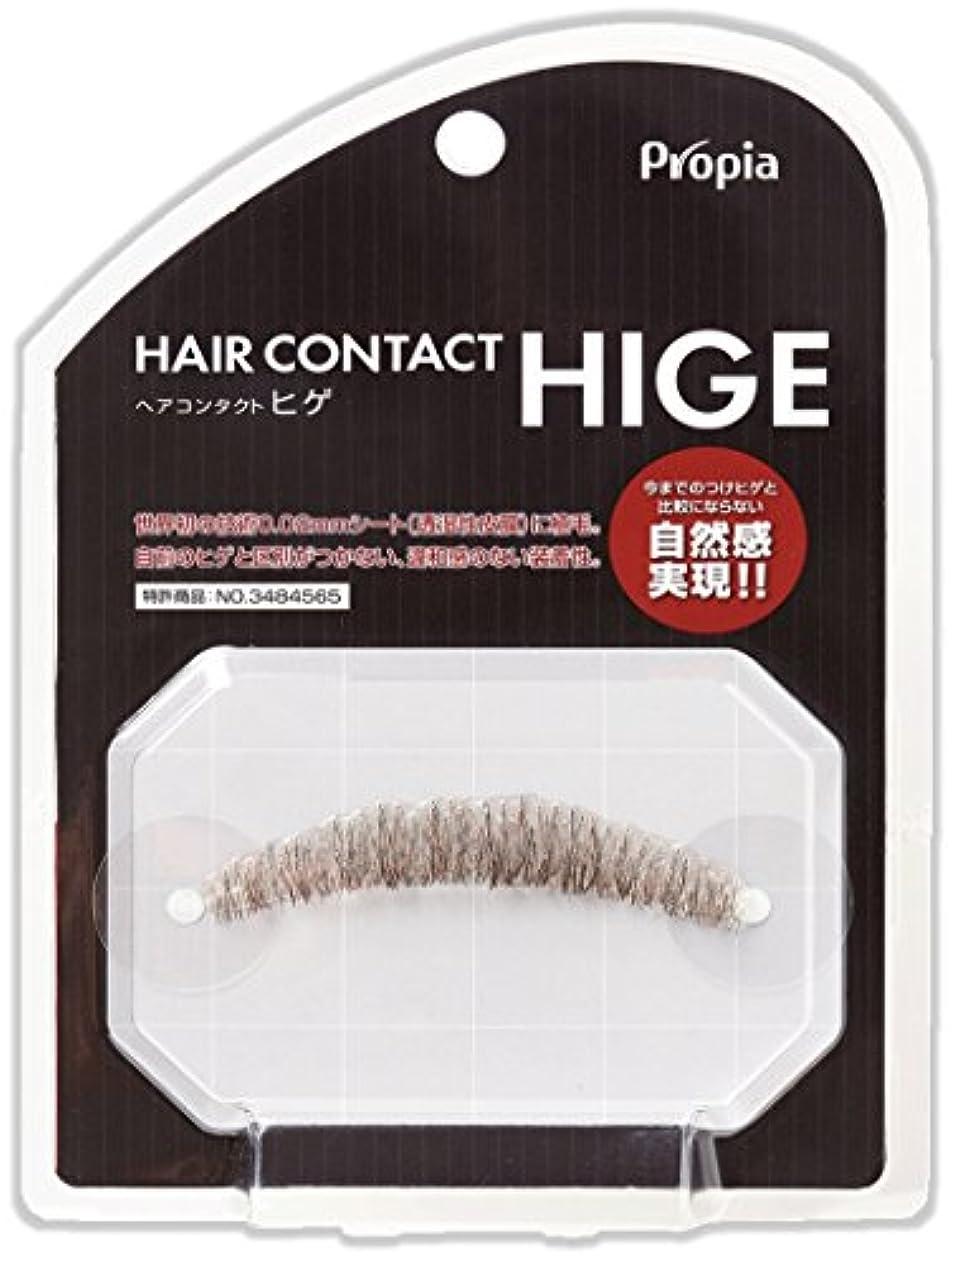 リブスコア微視的HAIR CONTACT HIGE クチヒゲ ピラミダル